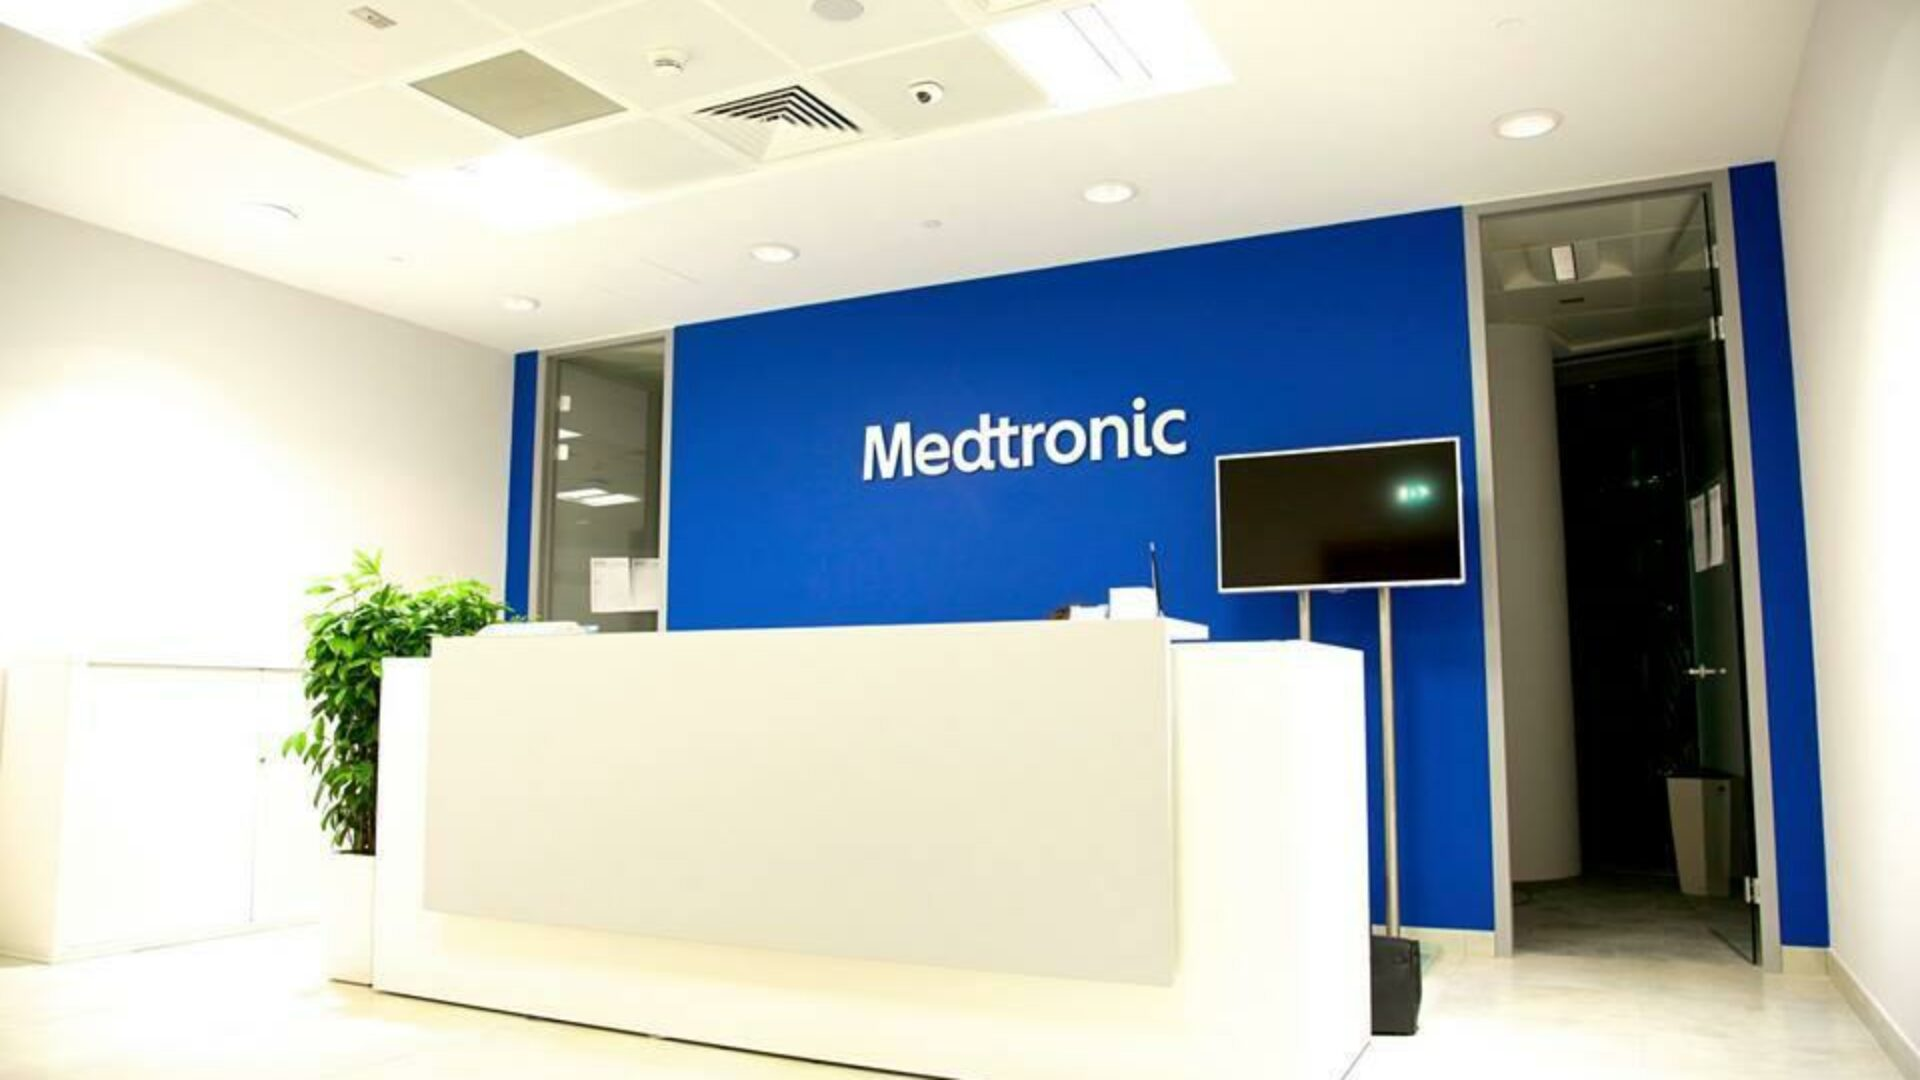 medtronic-05